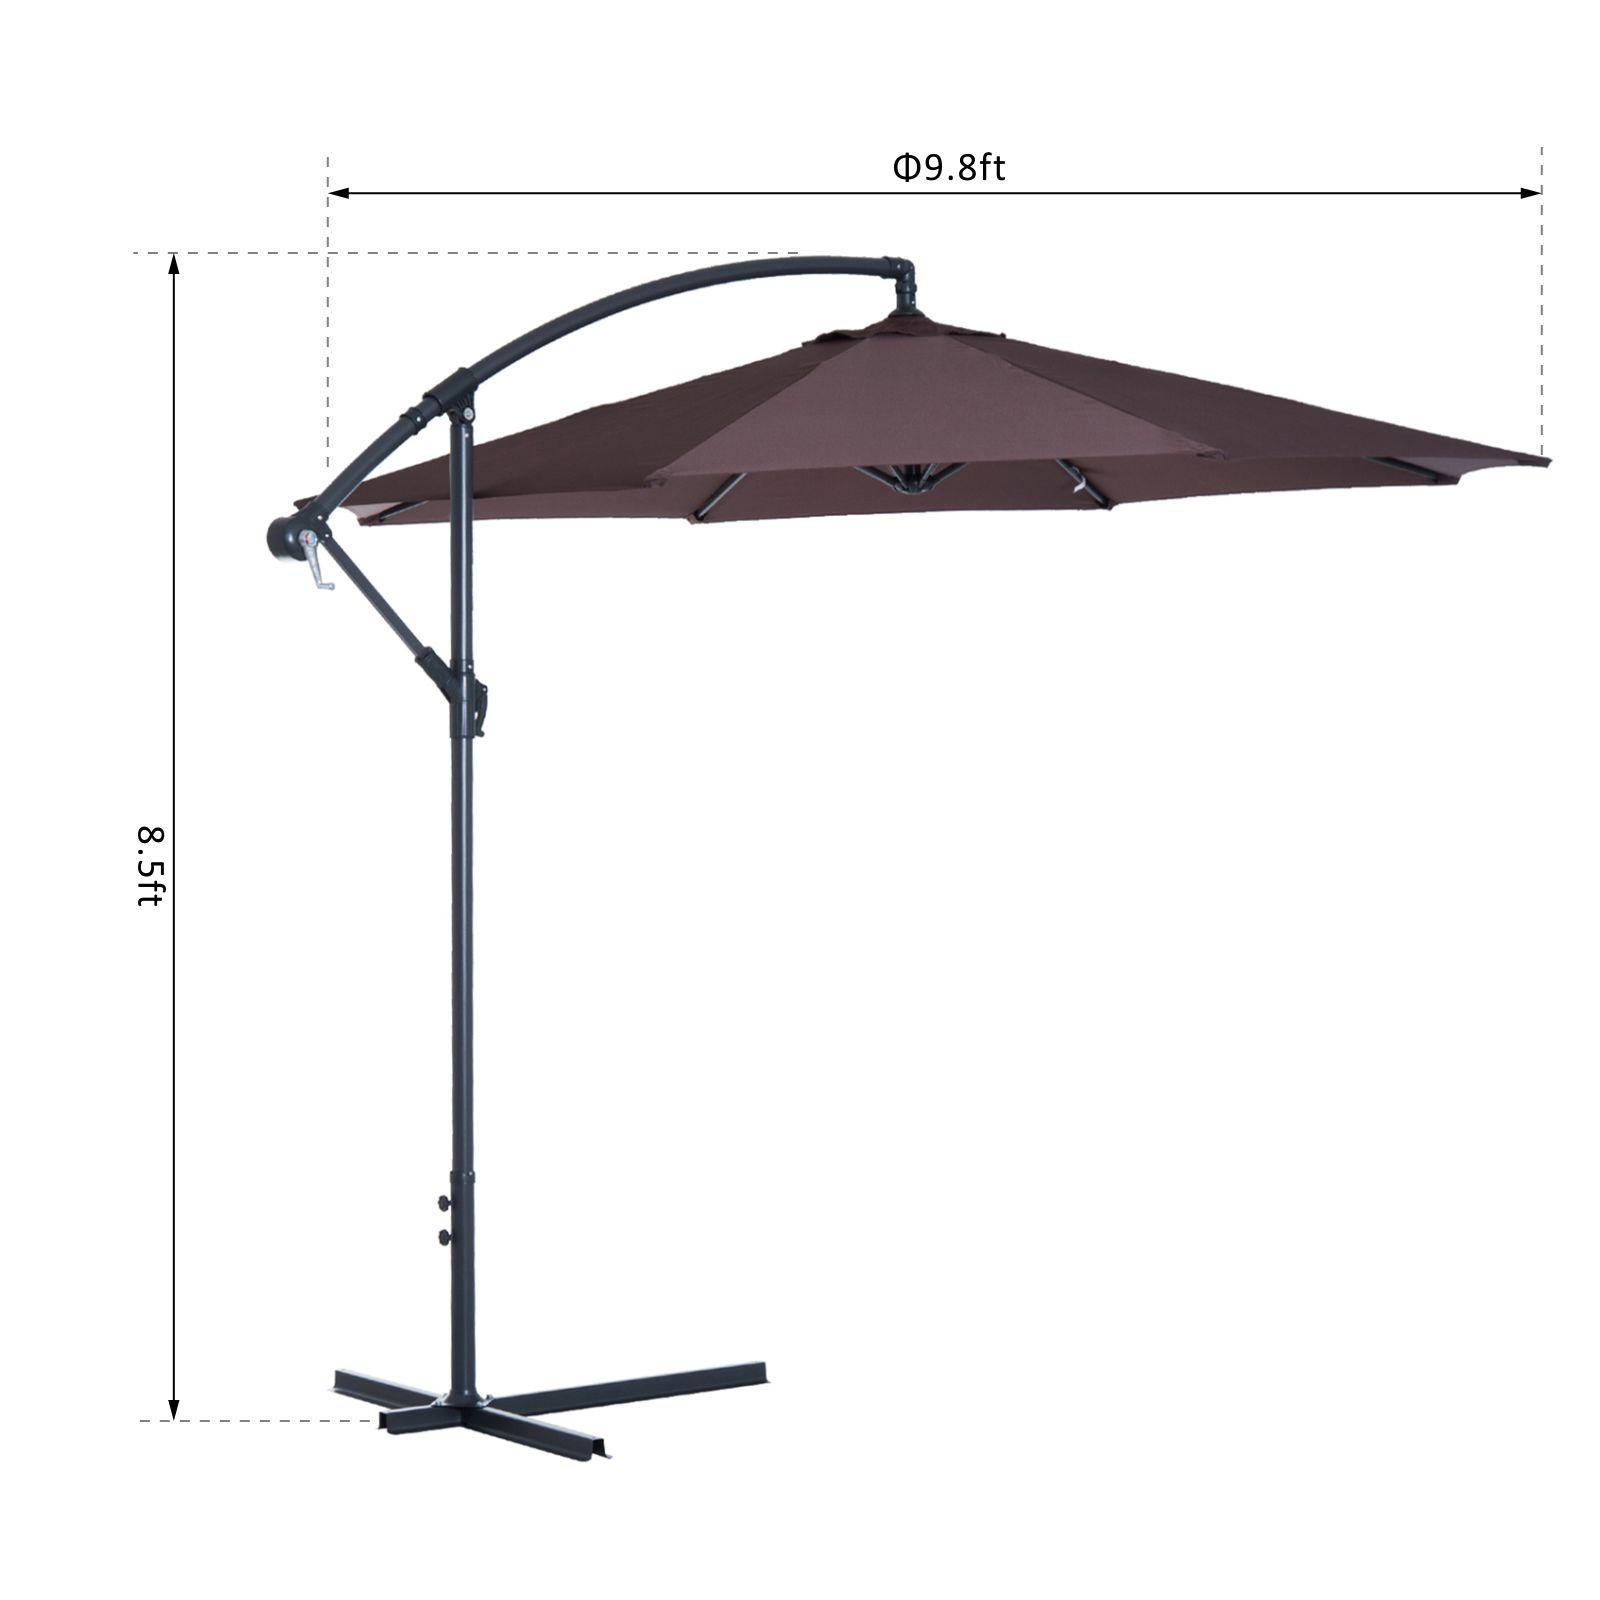 Outsunny-10-039-Deluxe-Patio-Umbrella-Outdoor-Market-Parasol-Banana-Hanging-Offset thumbnail 14